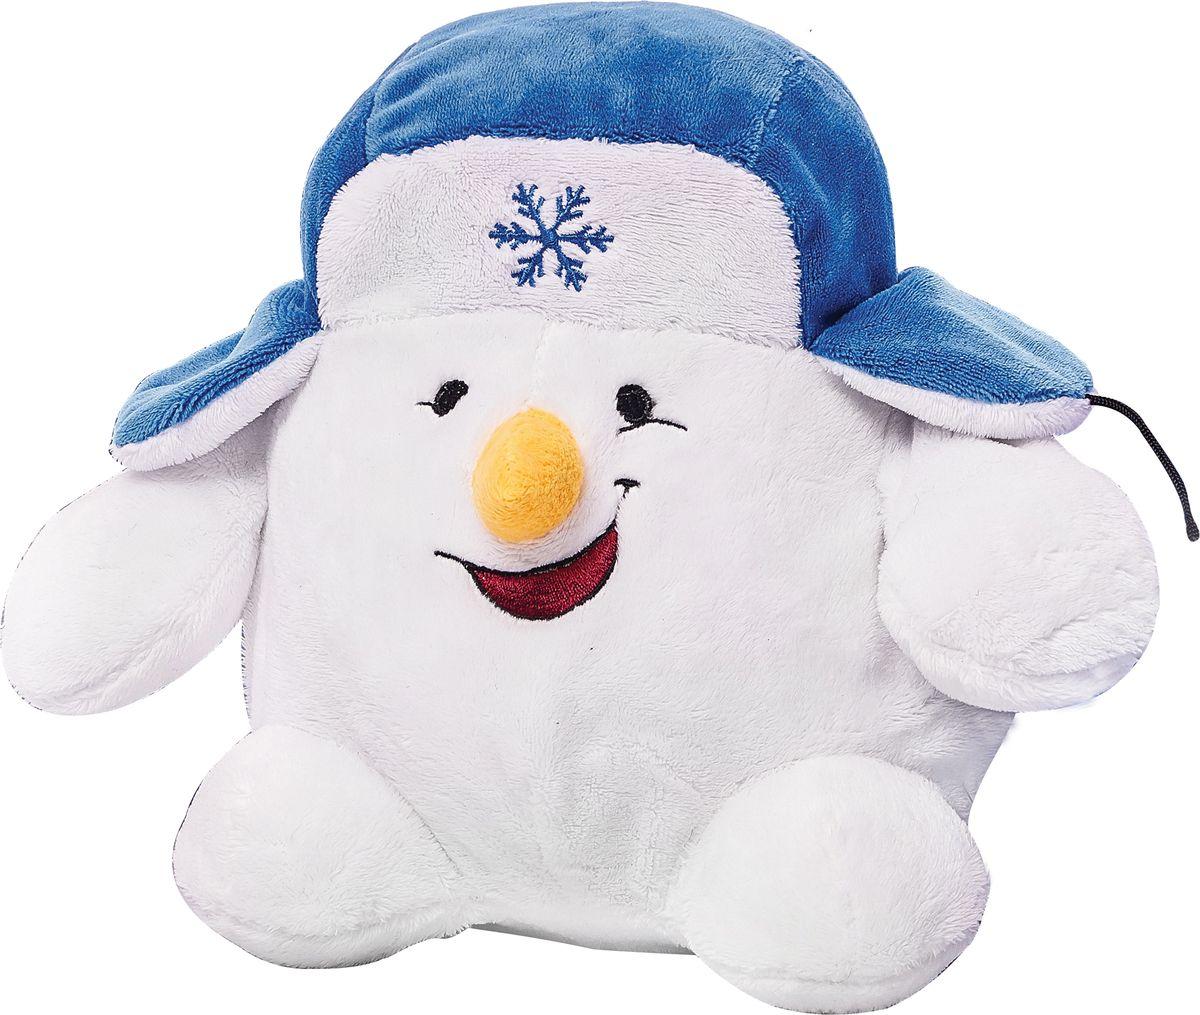 Сладкий новогодний подарок мягкая игрушка Ушанкин, 500 г1592Как удивить и порадовать ребенка в главный зимний праздник? Представляем вашему вниманию необычный новогодний подарок – сладости в мягкой игрушке. Это сразу два сюрприза в одном! В качестве вкусной начинки прекрасно подобранный состав кондитерских